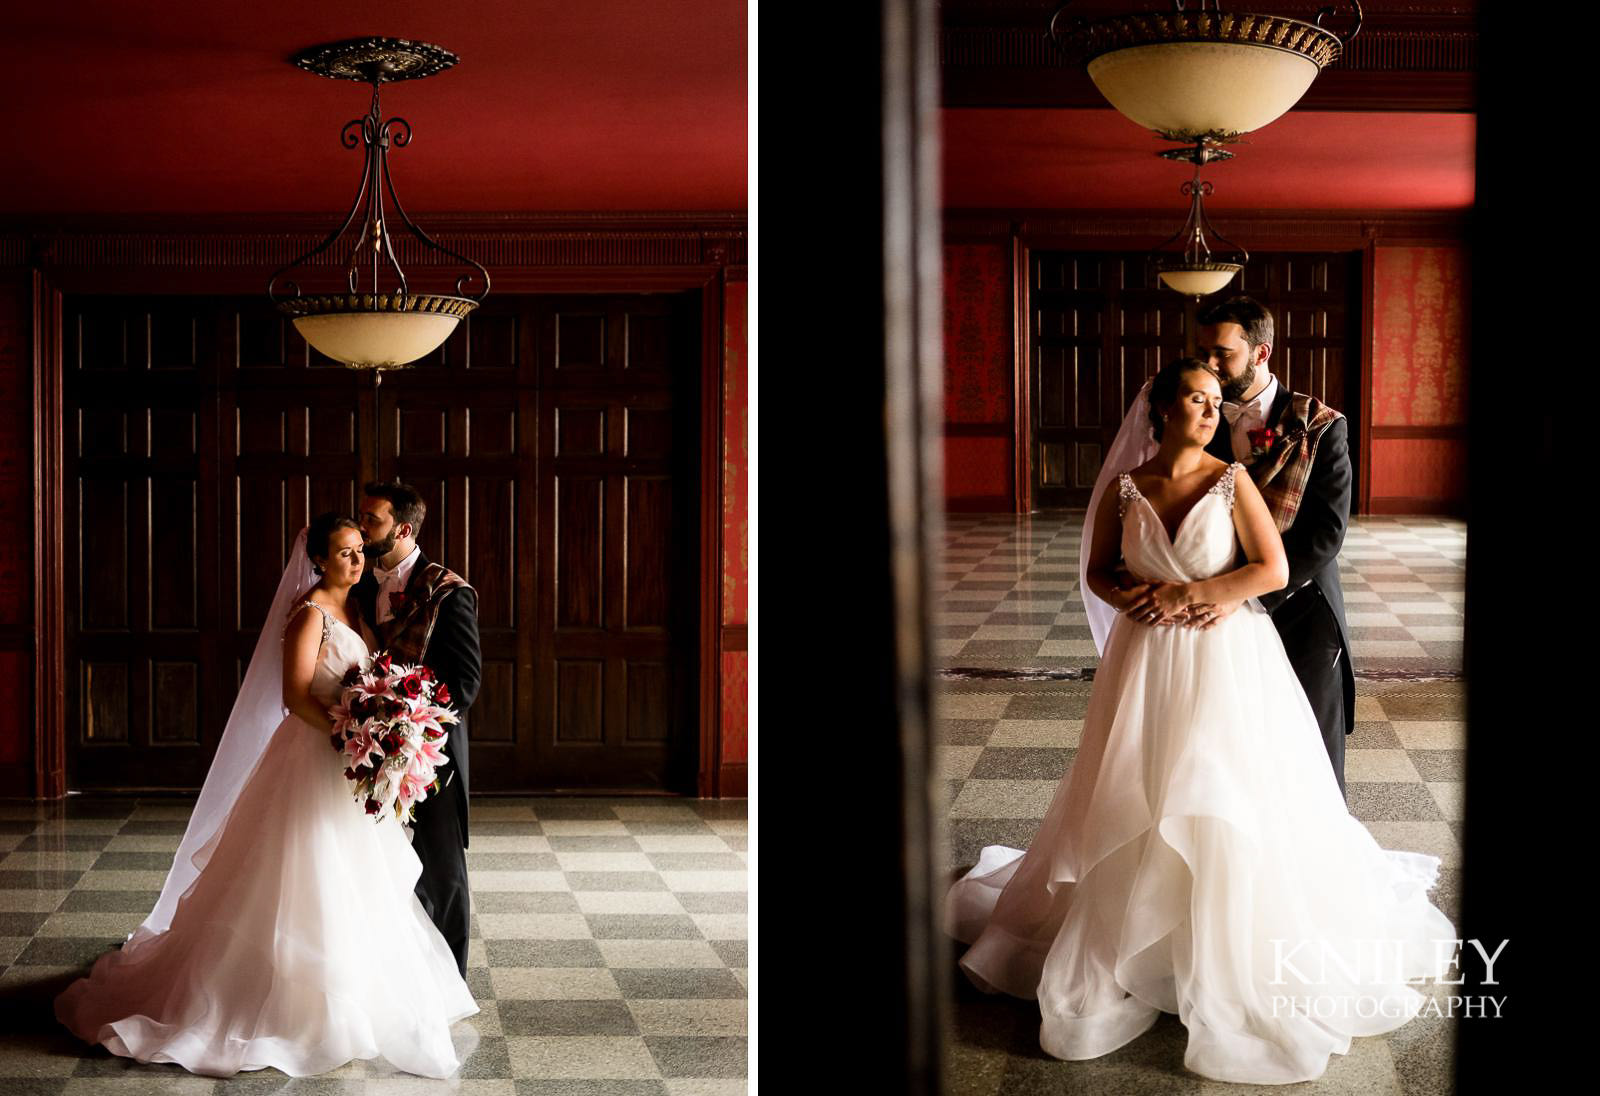 30-Statler-City-Buffalo-NY-Wedding-Photography.jpg